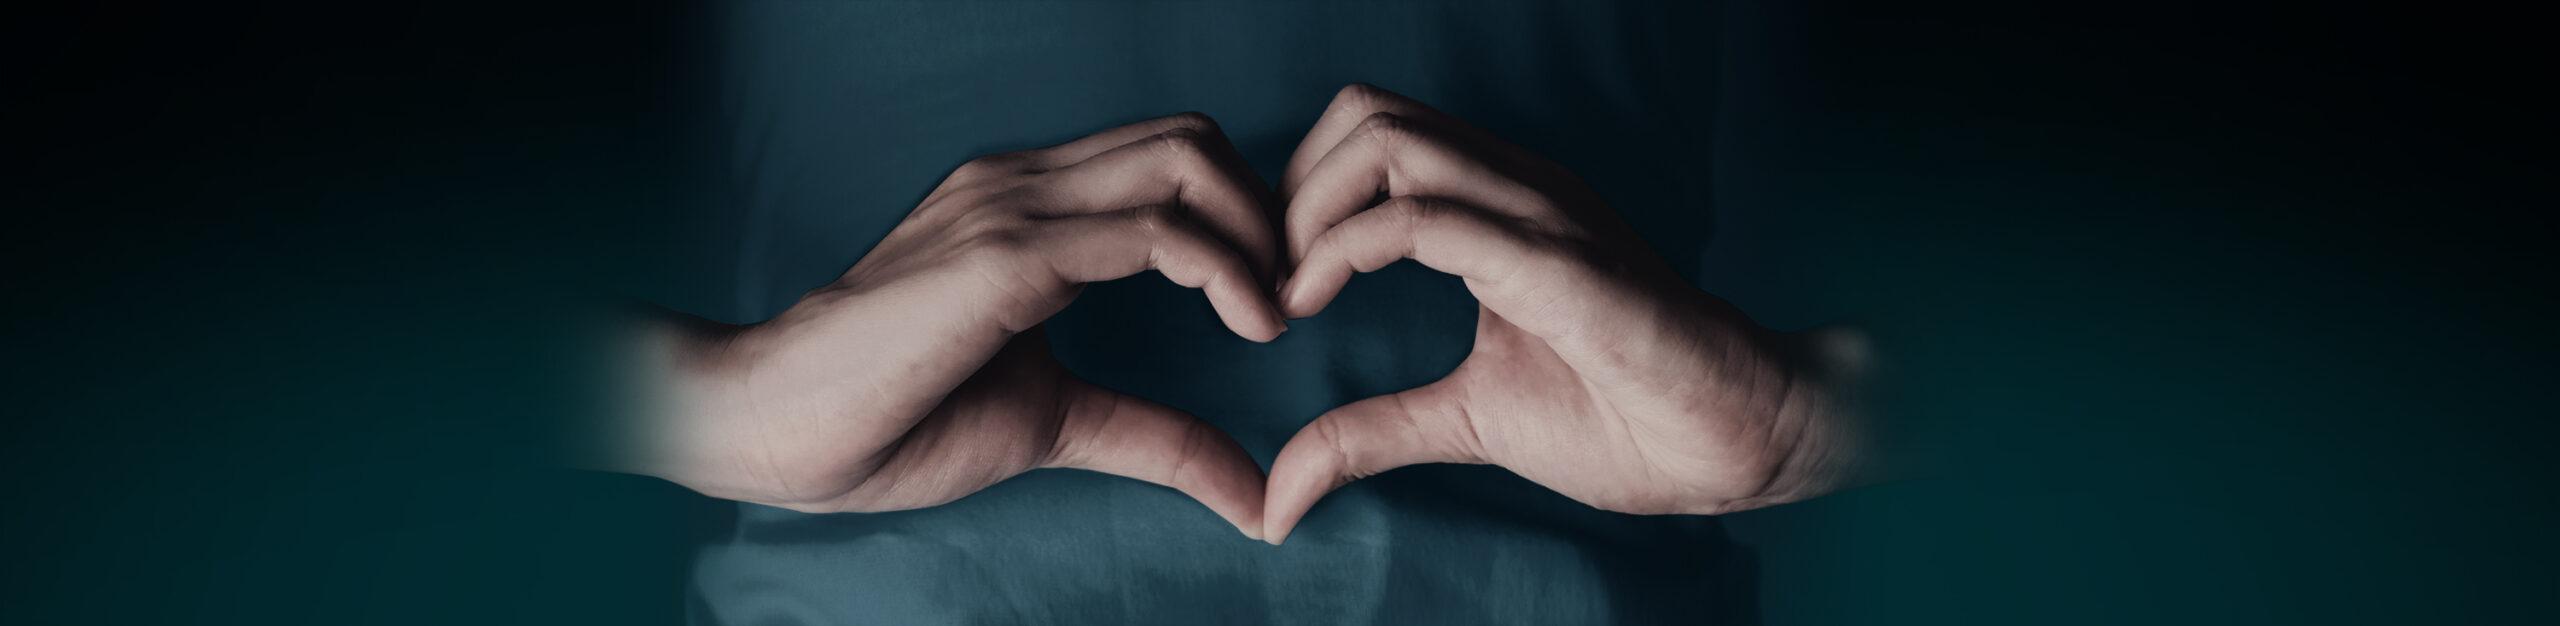 Heart Hands Blue